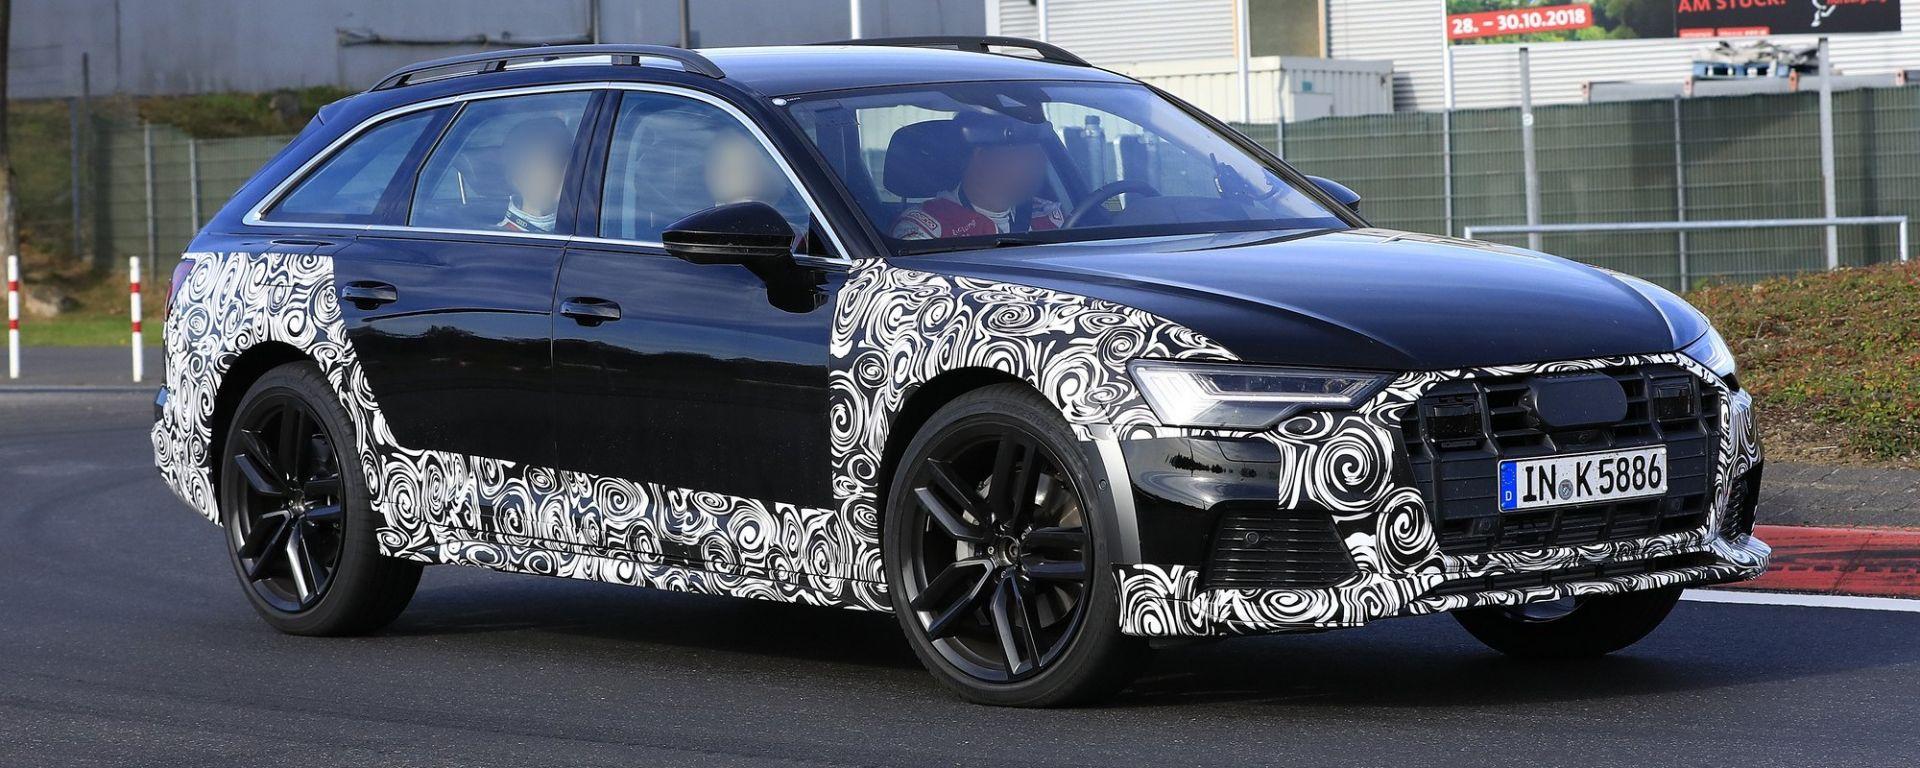 Nuova Audi A6 Allroad 2019, le prime immagini